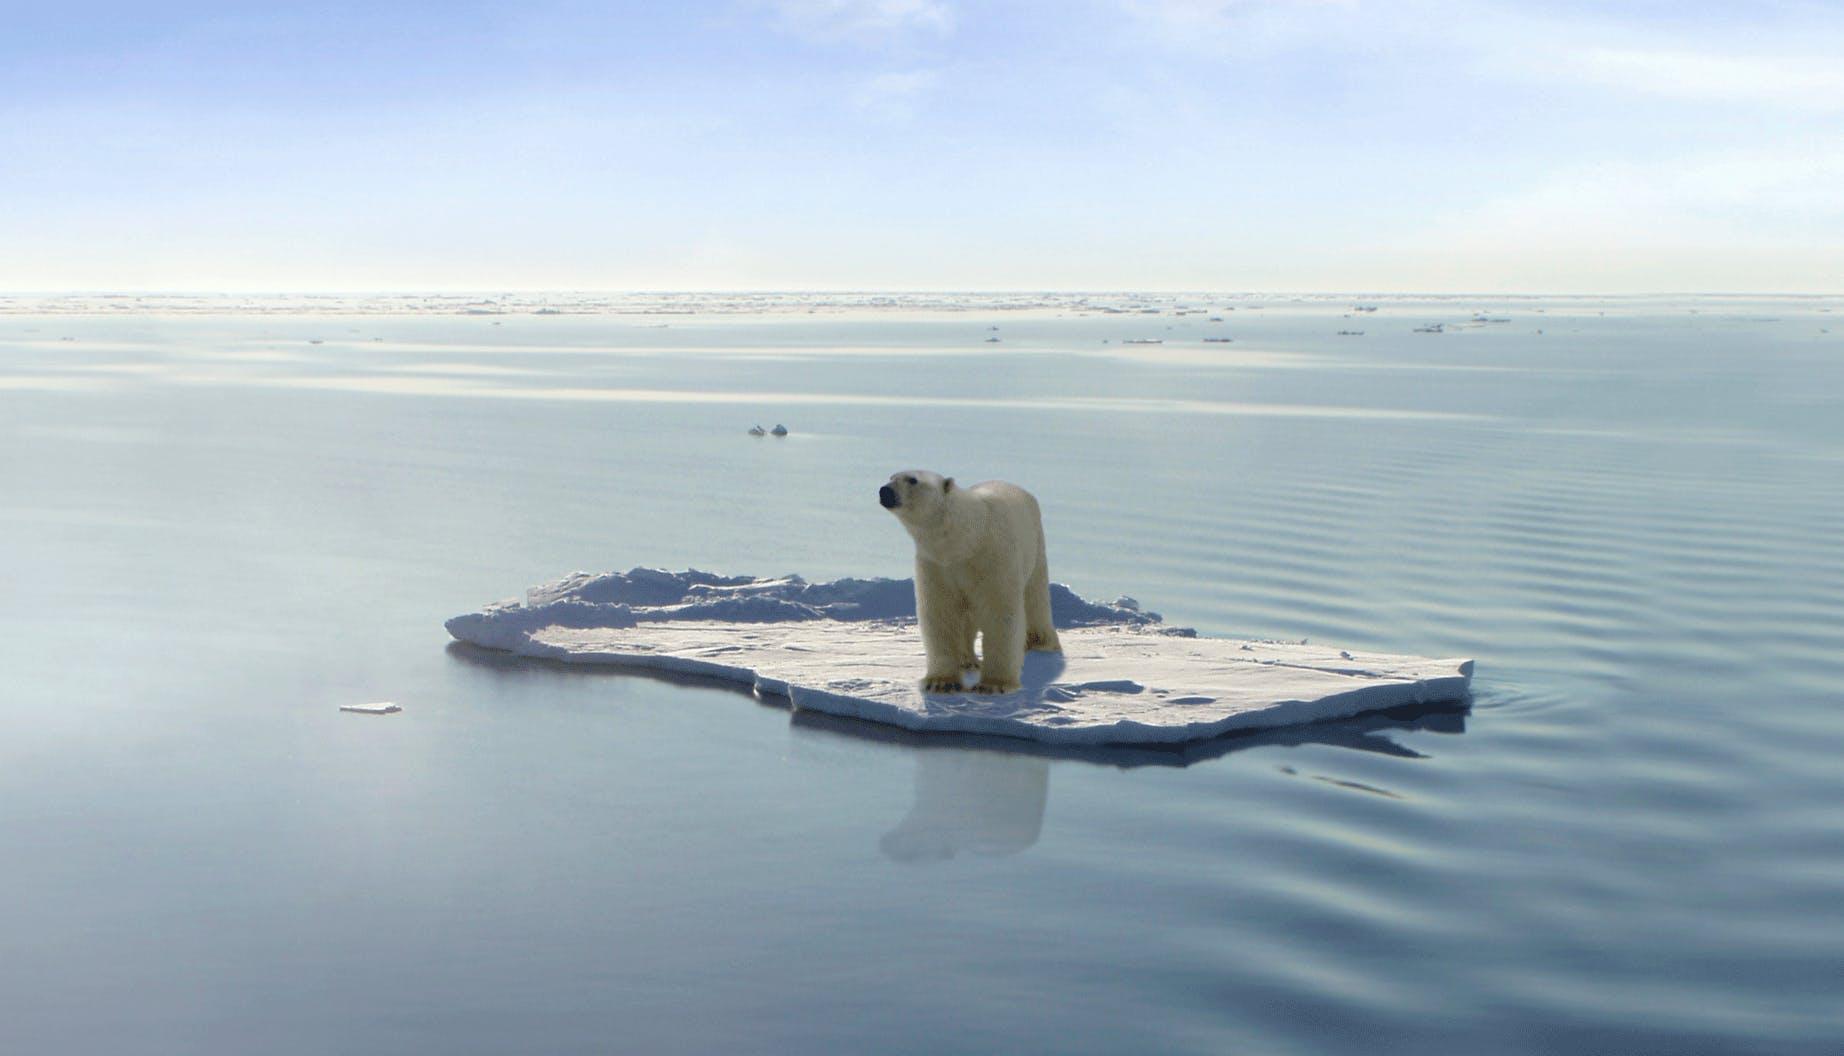 Polar bear on Jökulsárlón glacier lagoon